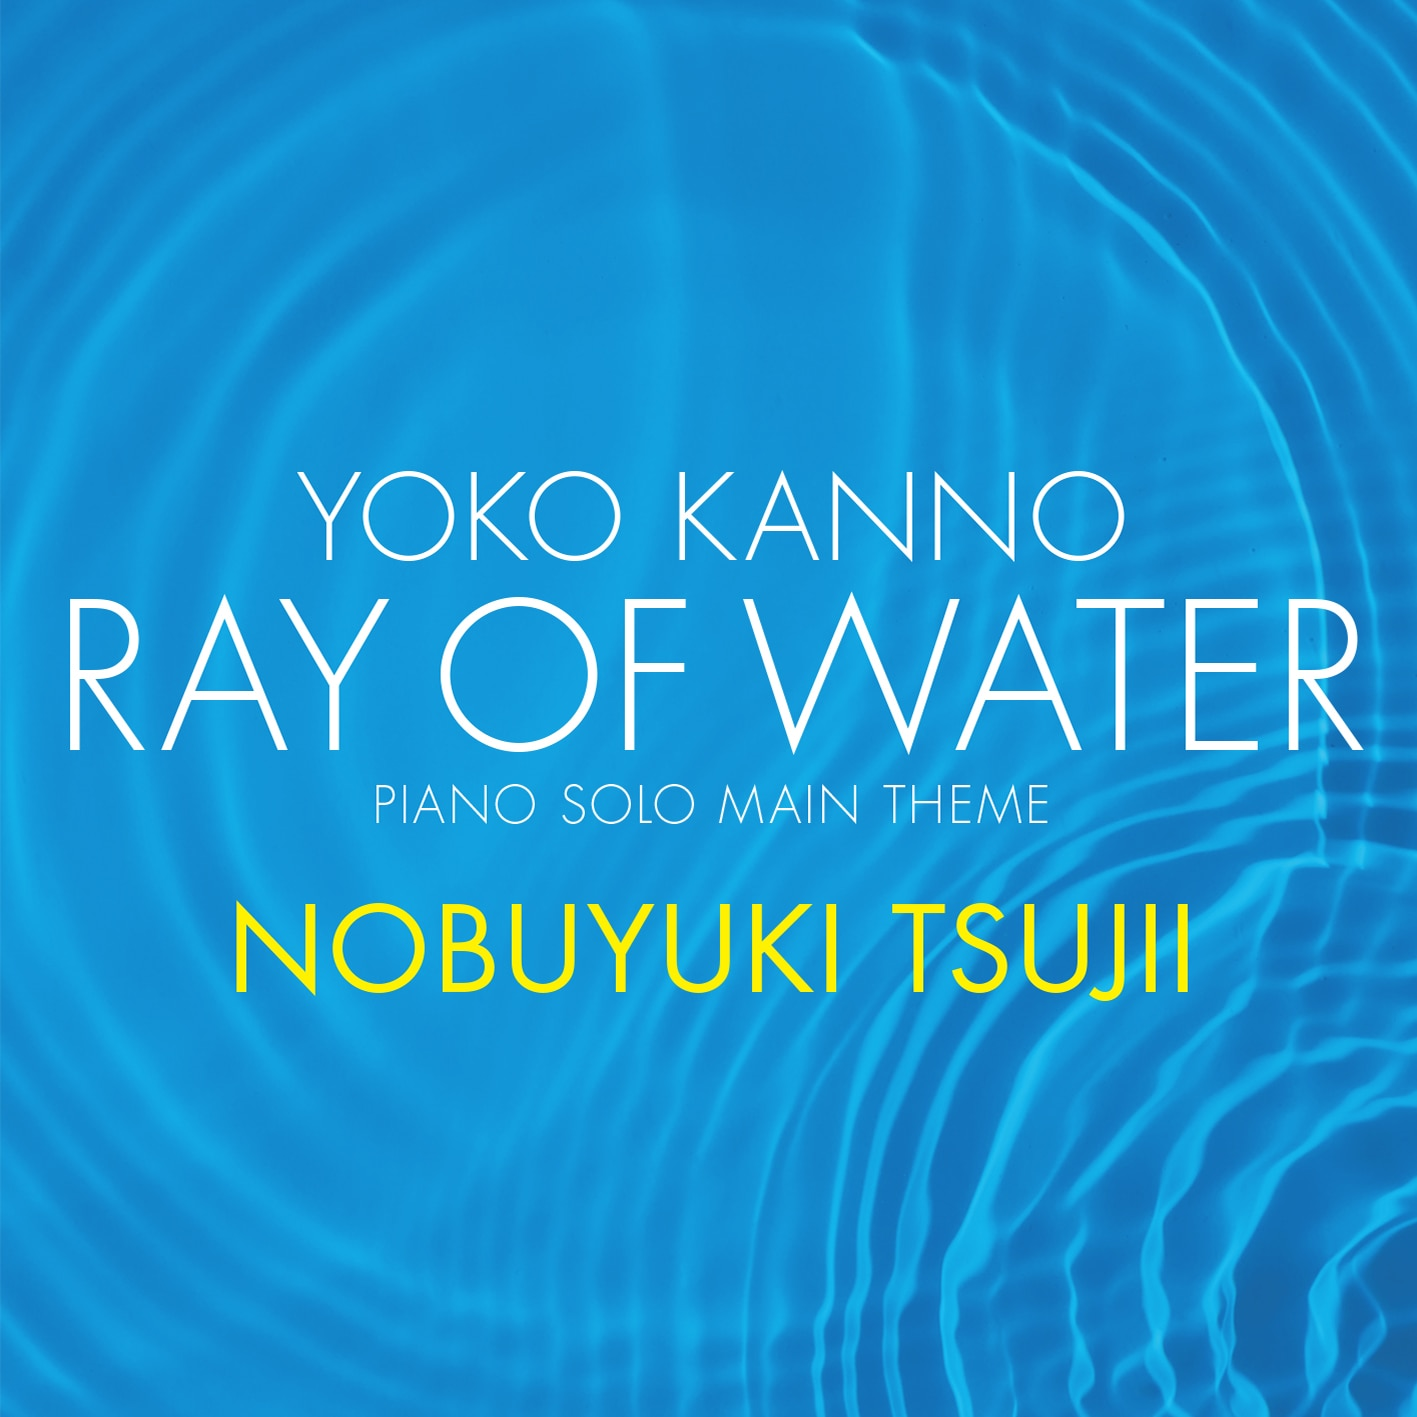 菅野よう子:RAY OF WATER piano solo main theme